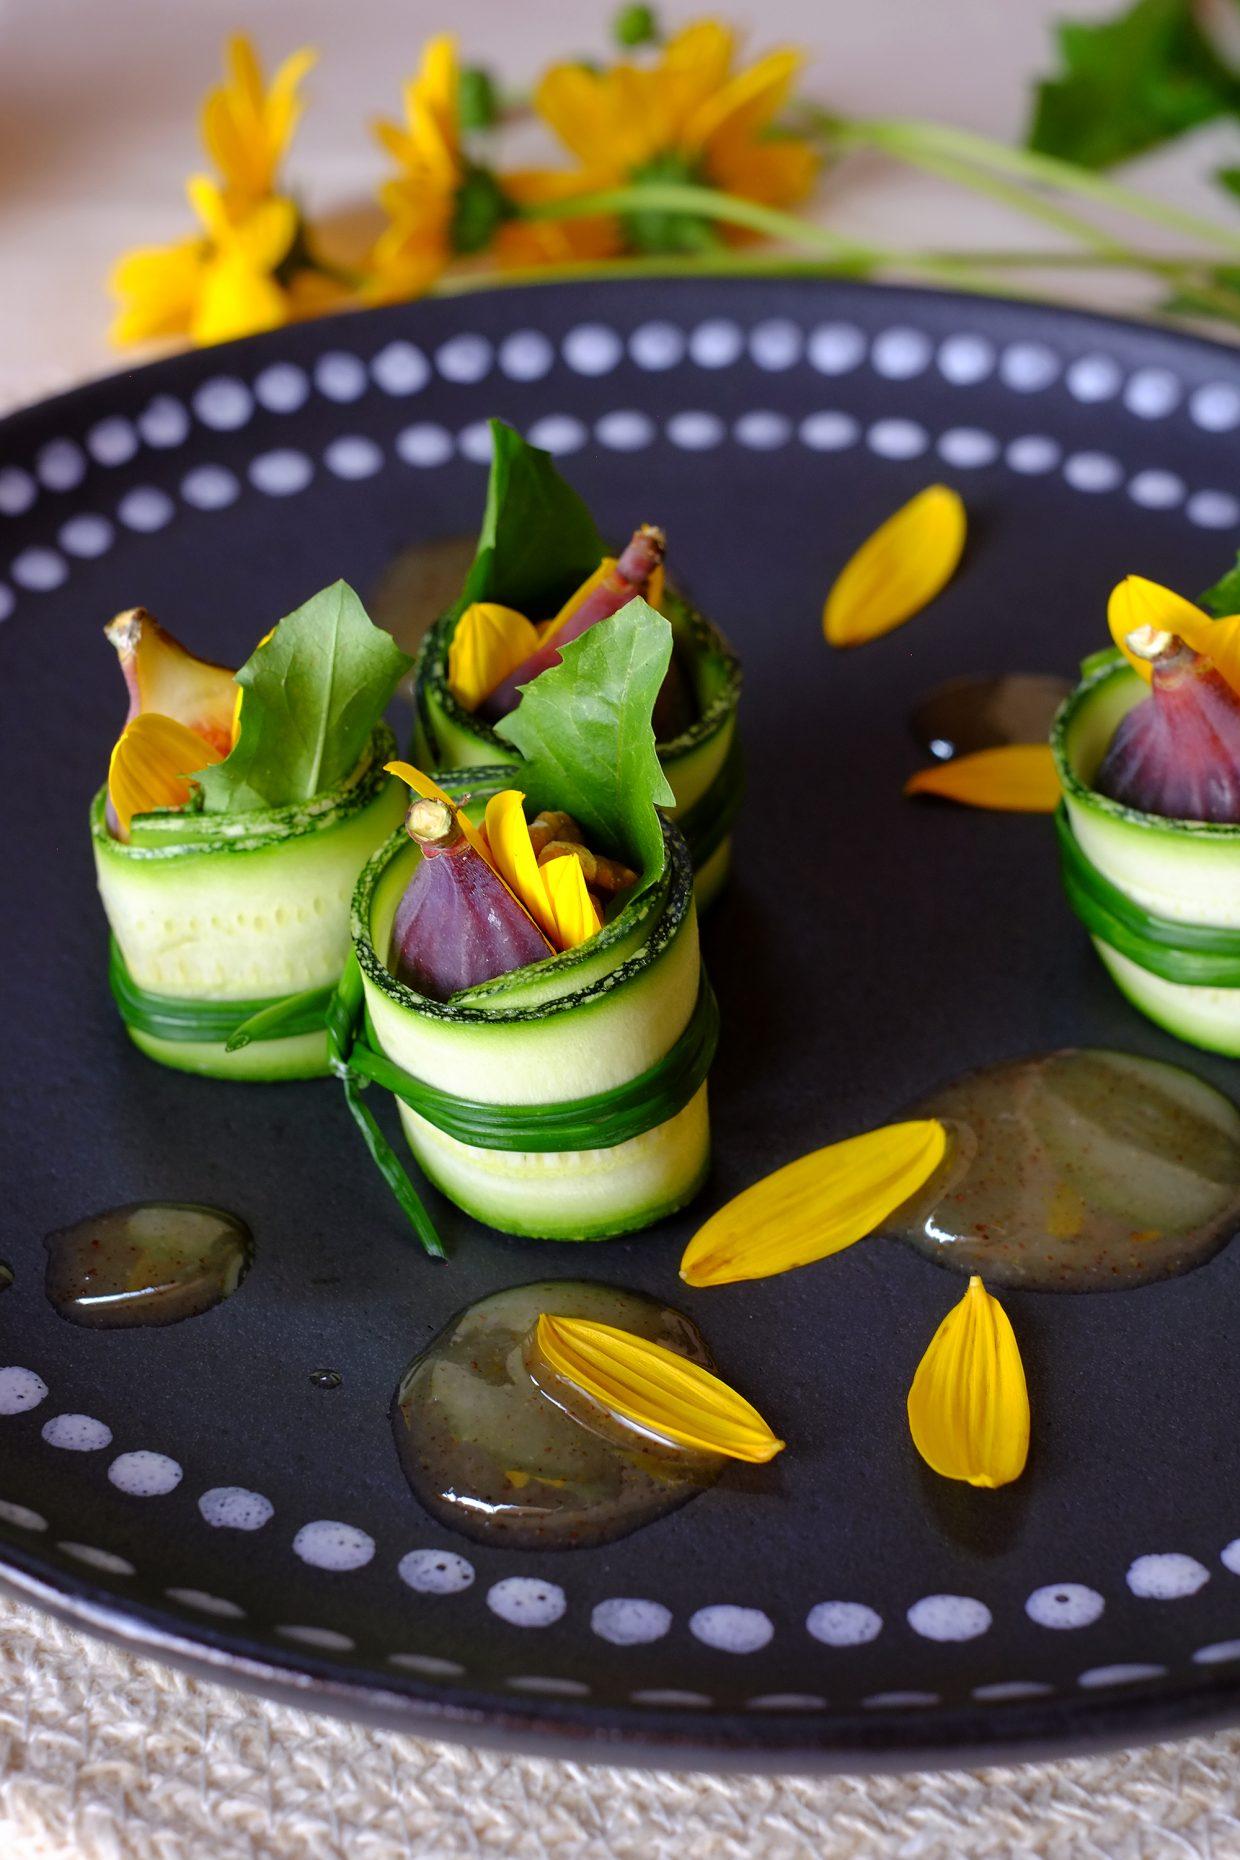 Involtini di fichi e zucchine con petali di topinambur e foglie di tarassaco 21